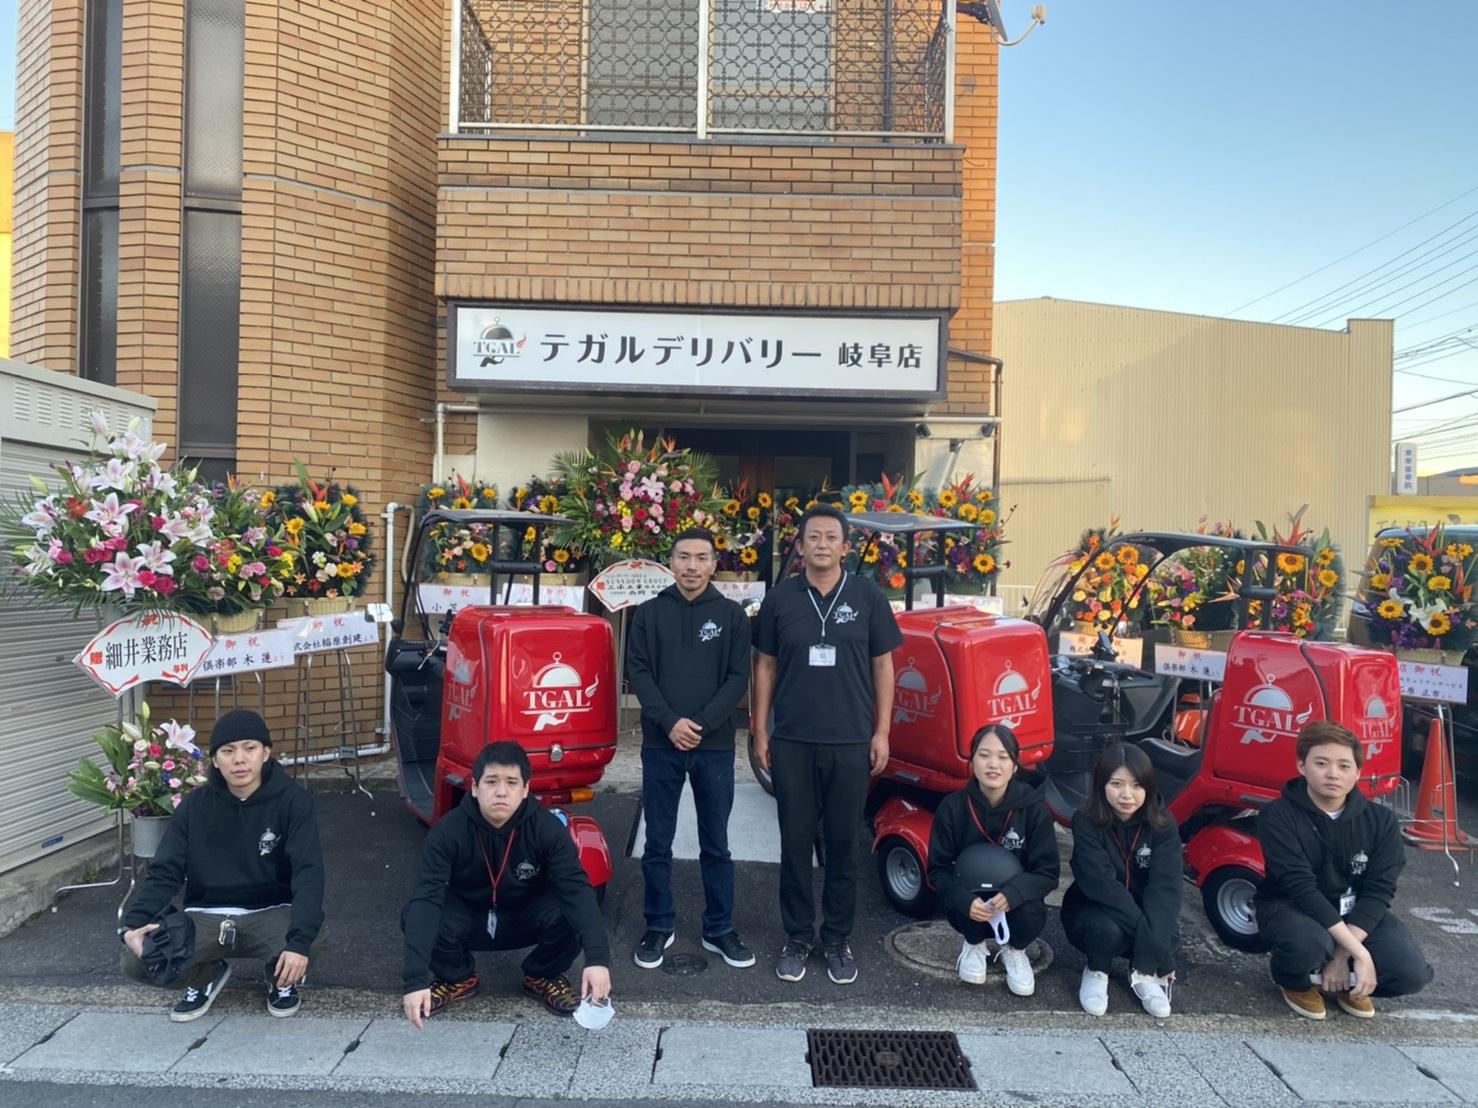 【新店舗】TGALデリバリー岐阜店が10月16日にオープン致しました。